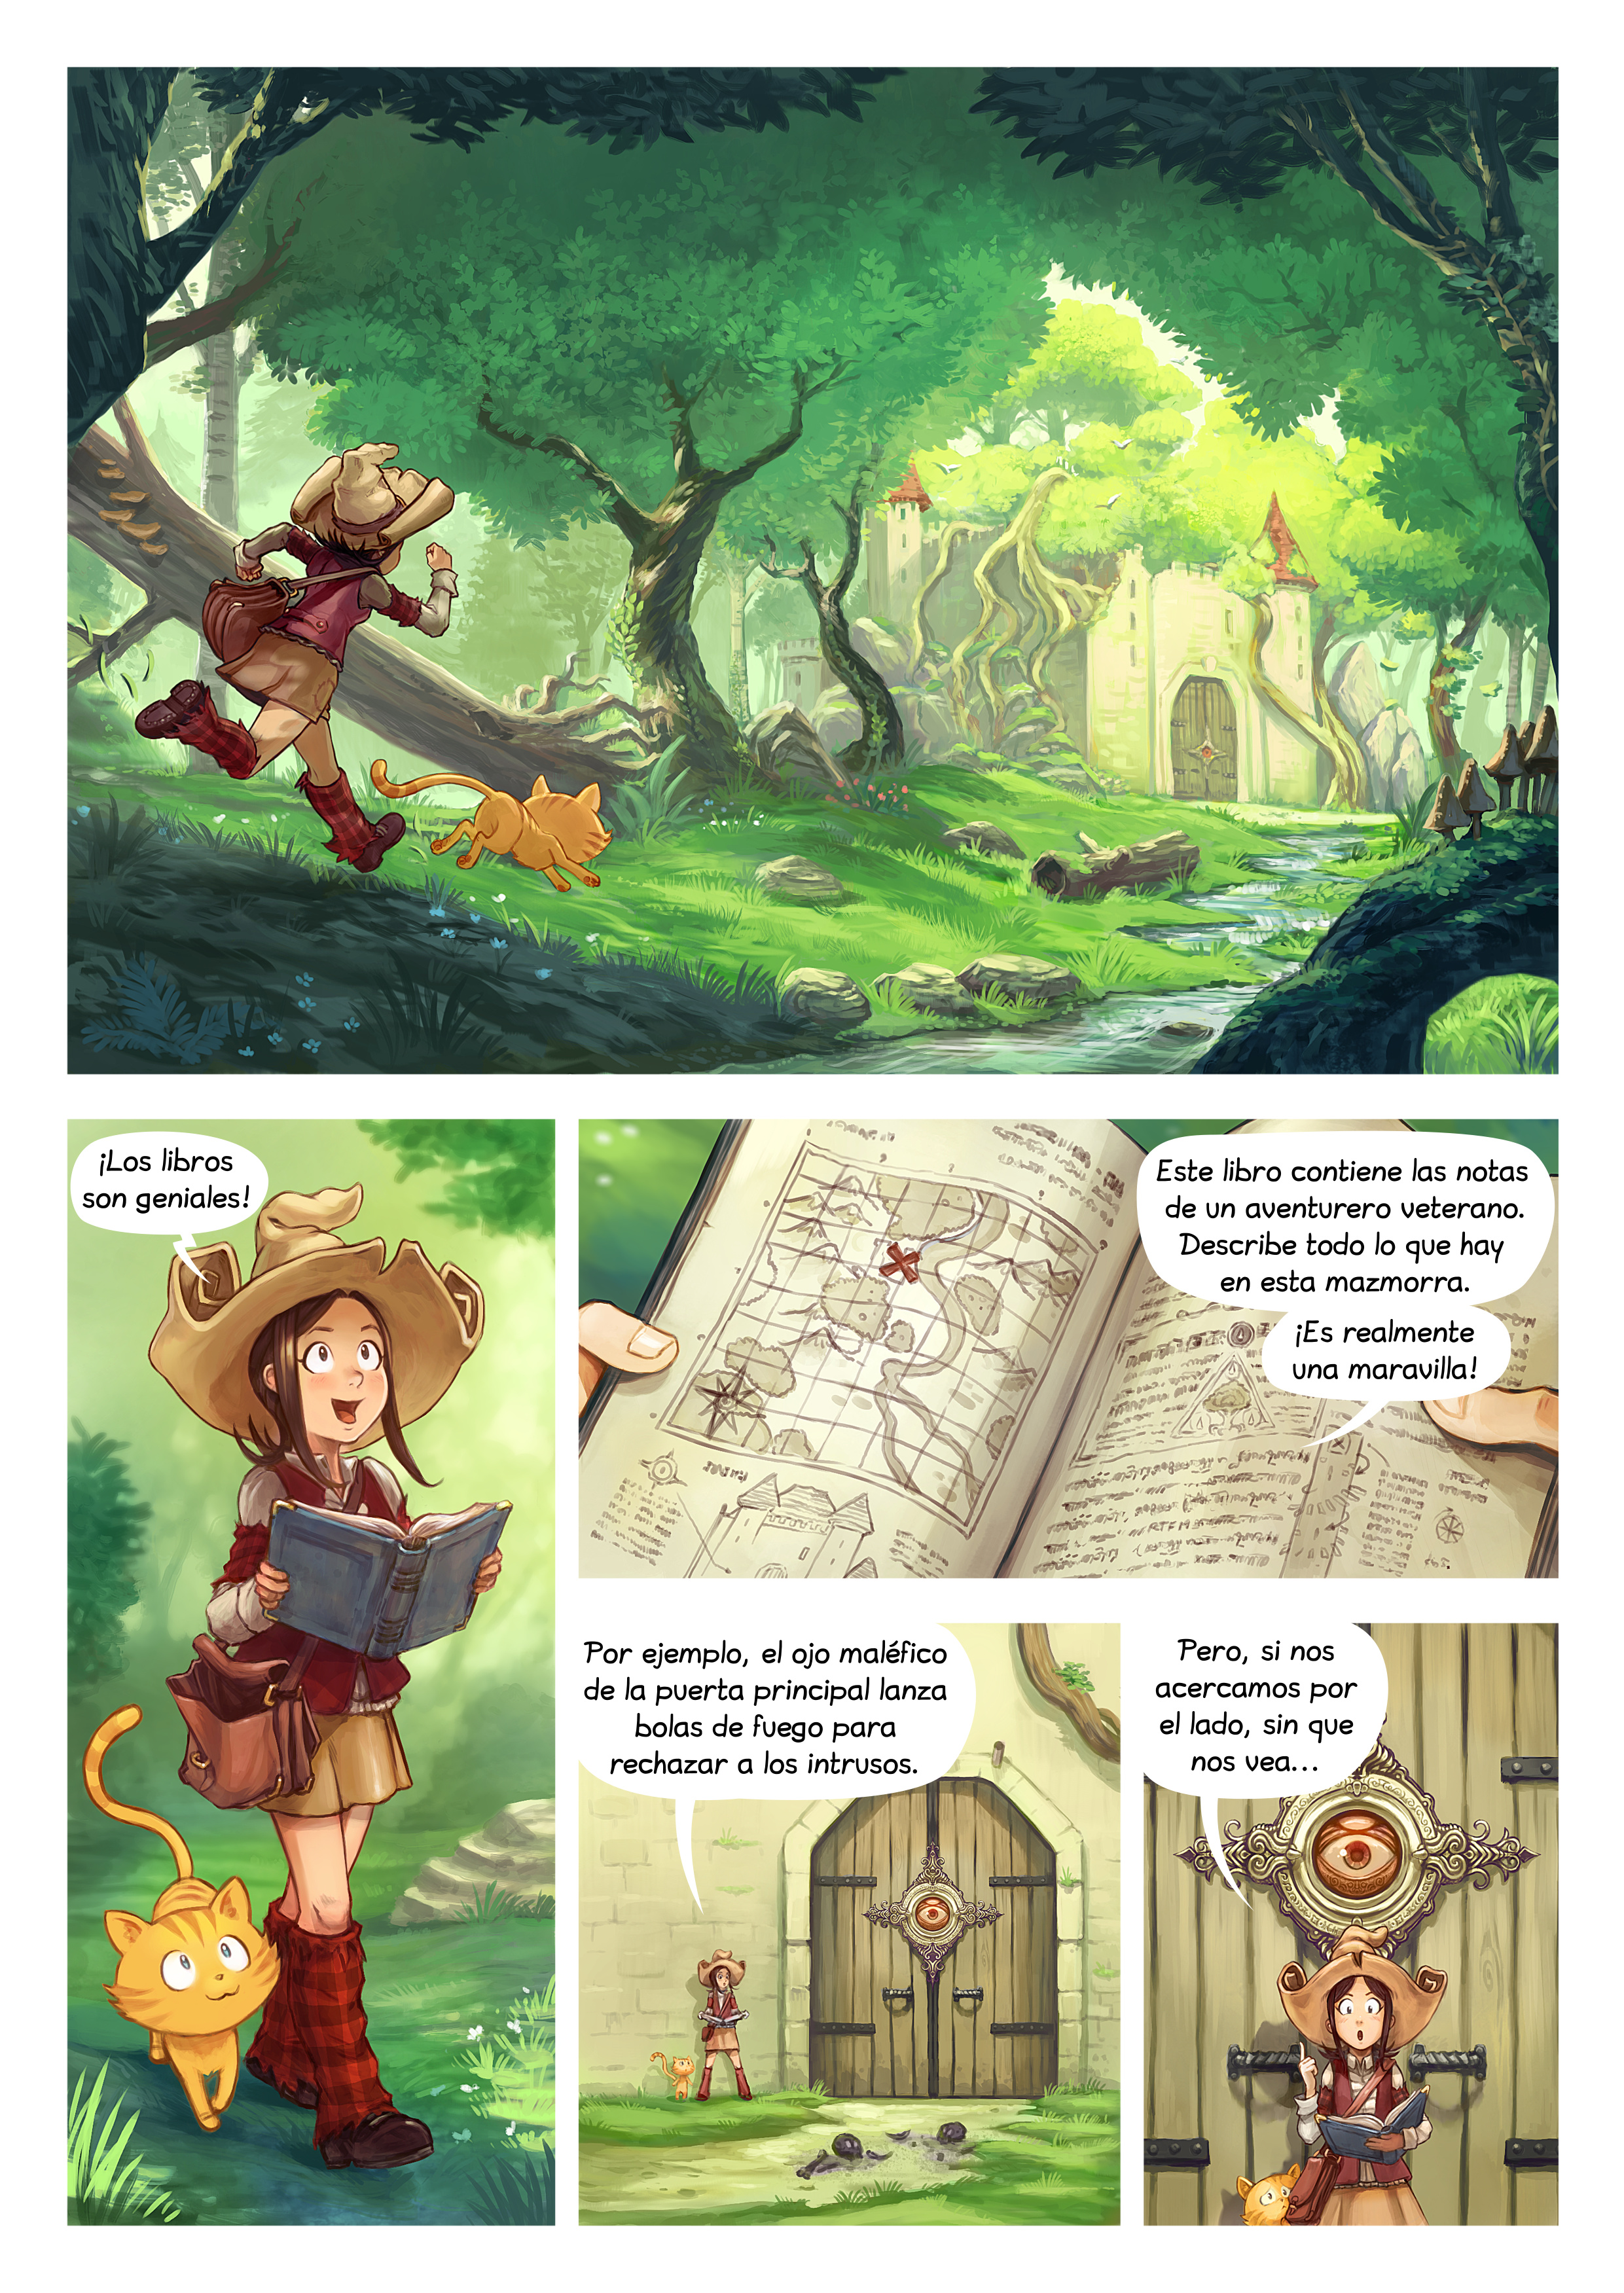 Episodio 26: Los libros son geniales, Page 1